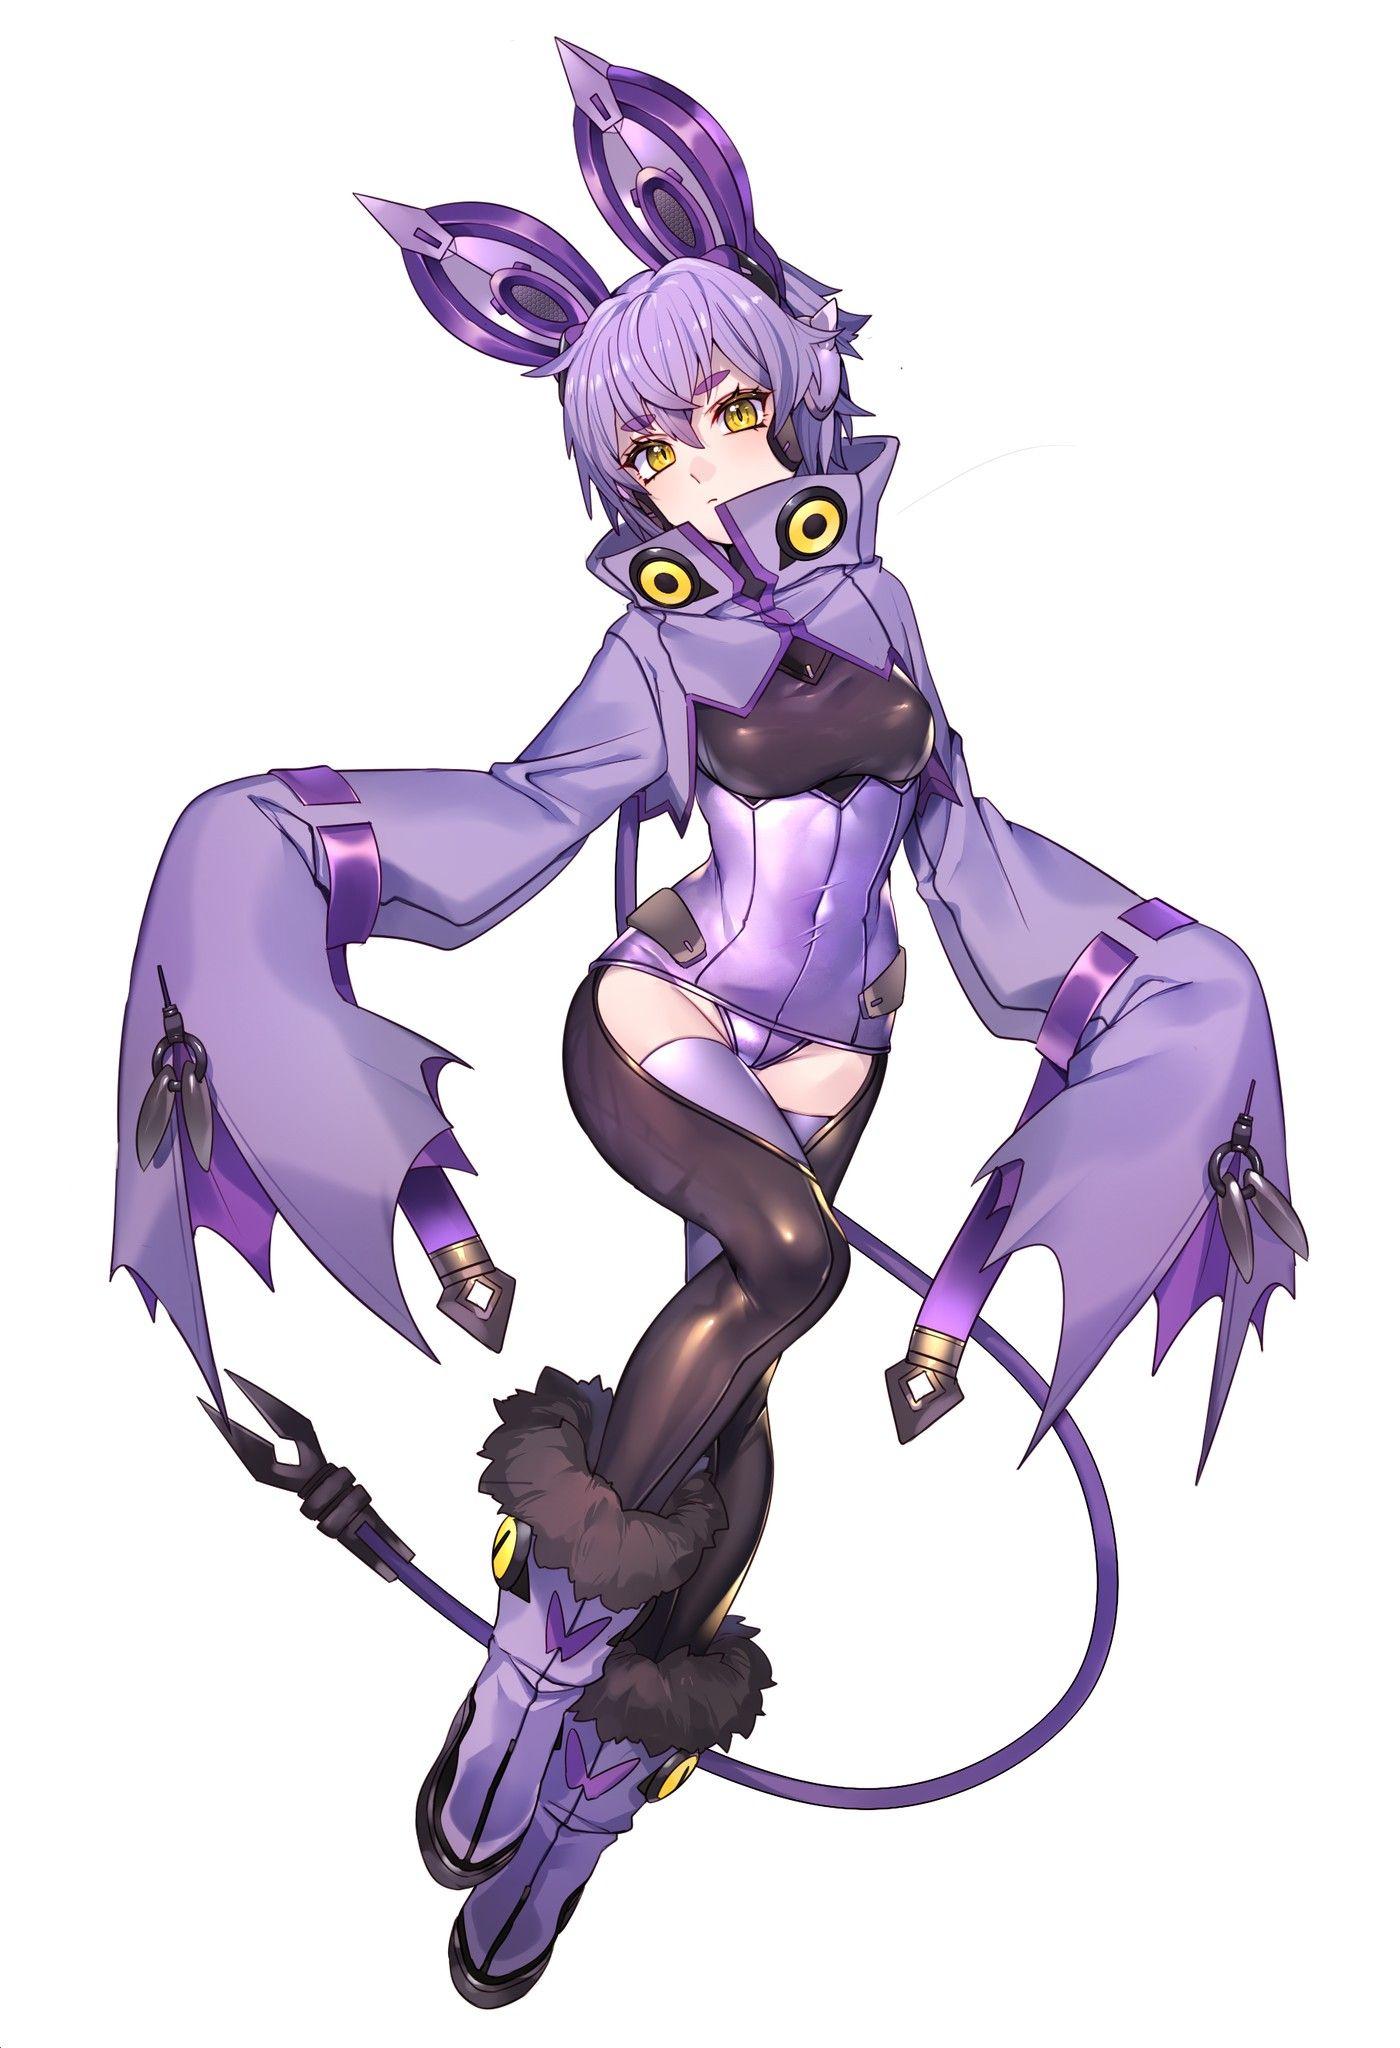 片桐 on Pokemon human form, Anime characters, Pokemon waifu